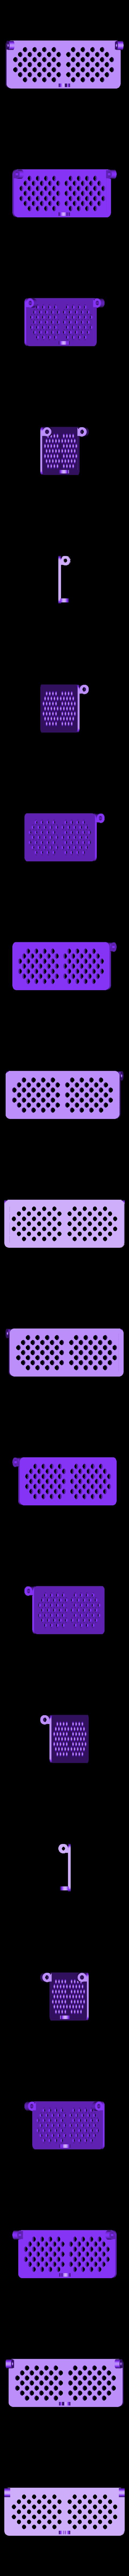 cover-circles.STL Télécharger fichier STL gratuit Boîte avec charnières cachées et verrouillage à clic • Objet à imprimer en 3D, 3d-dragar